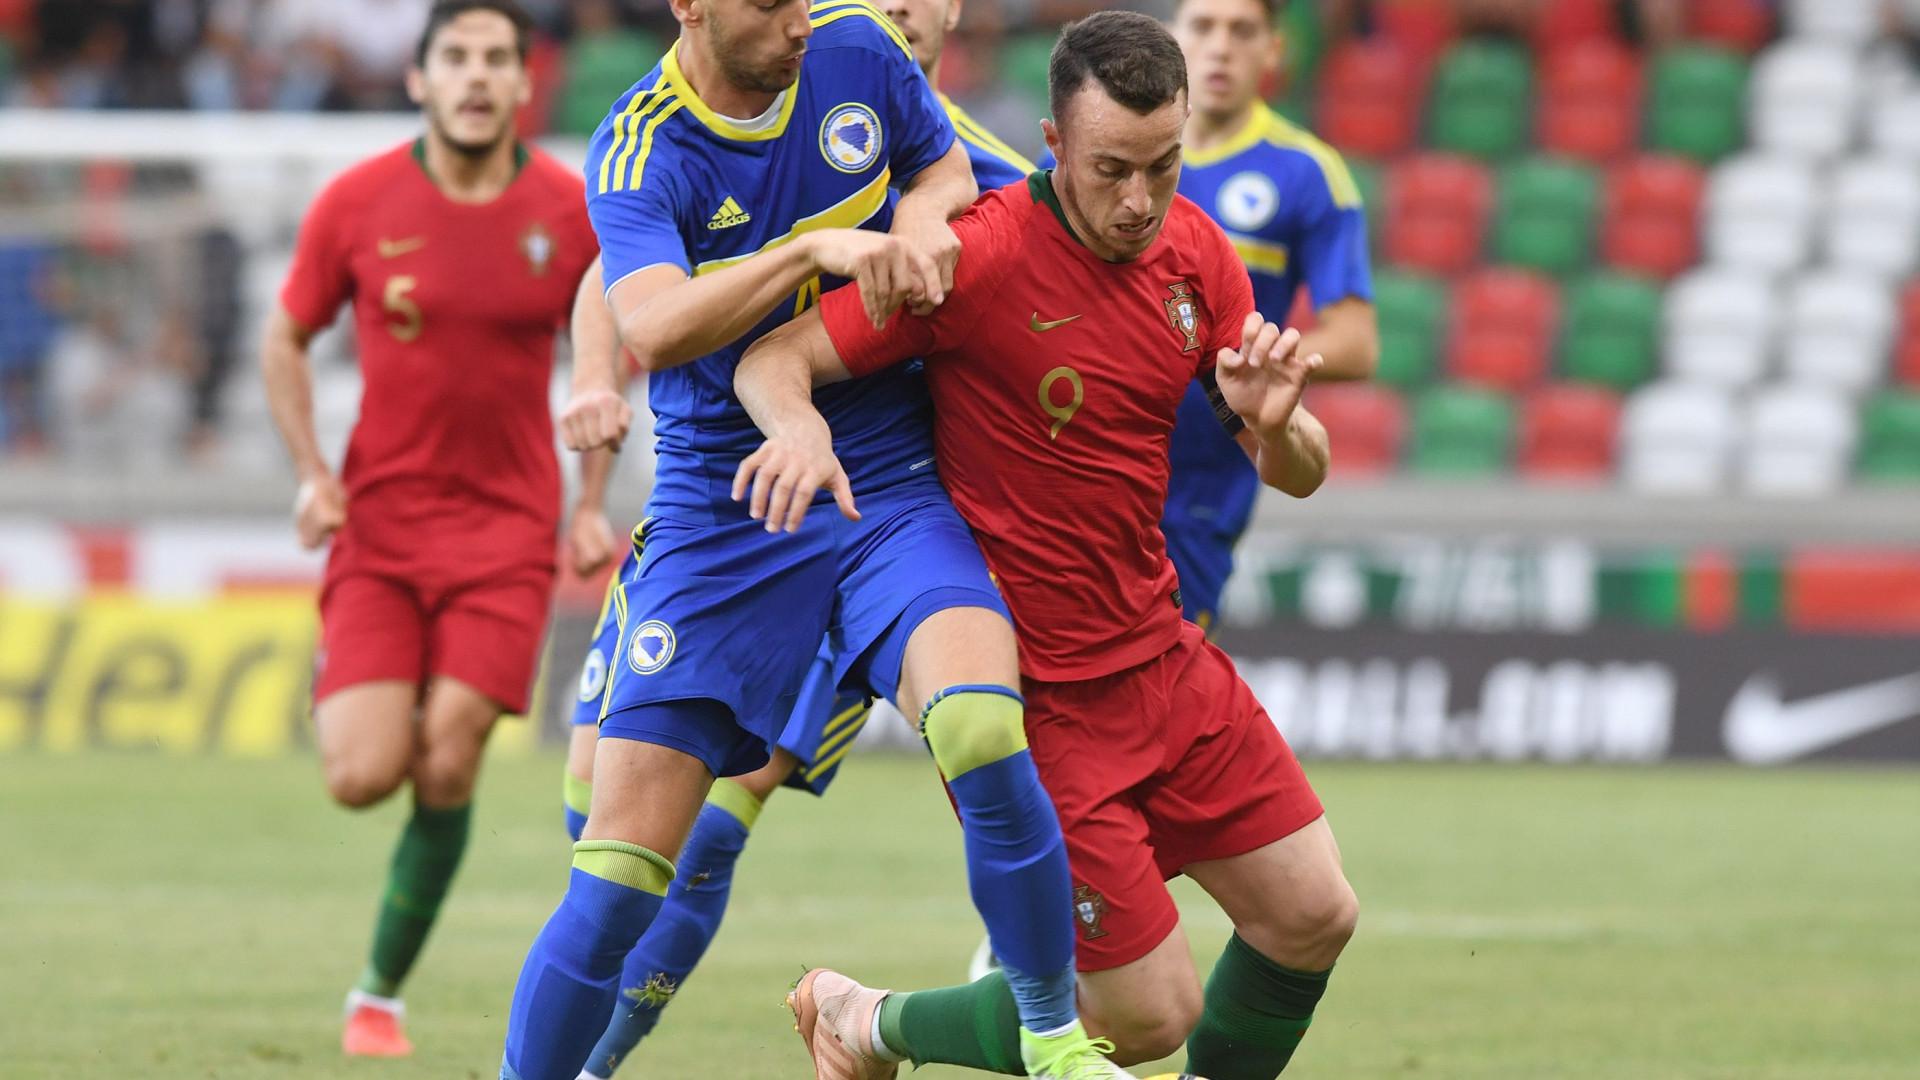 Seleção Nacional a um empate da fase final do Europeu 5ce65b578b38b